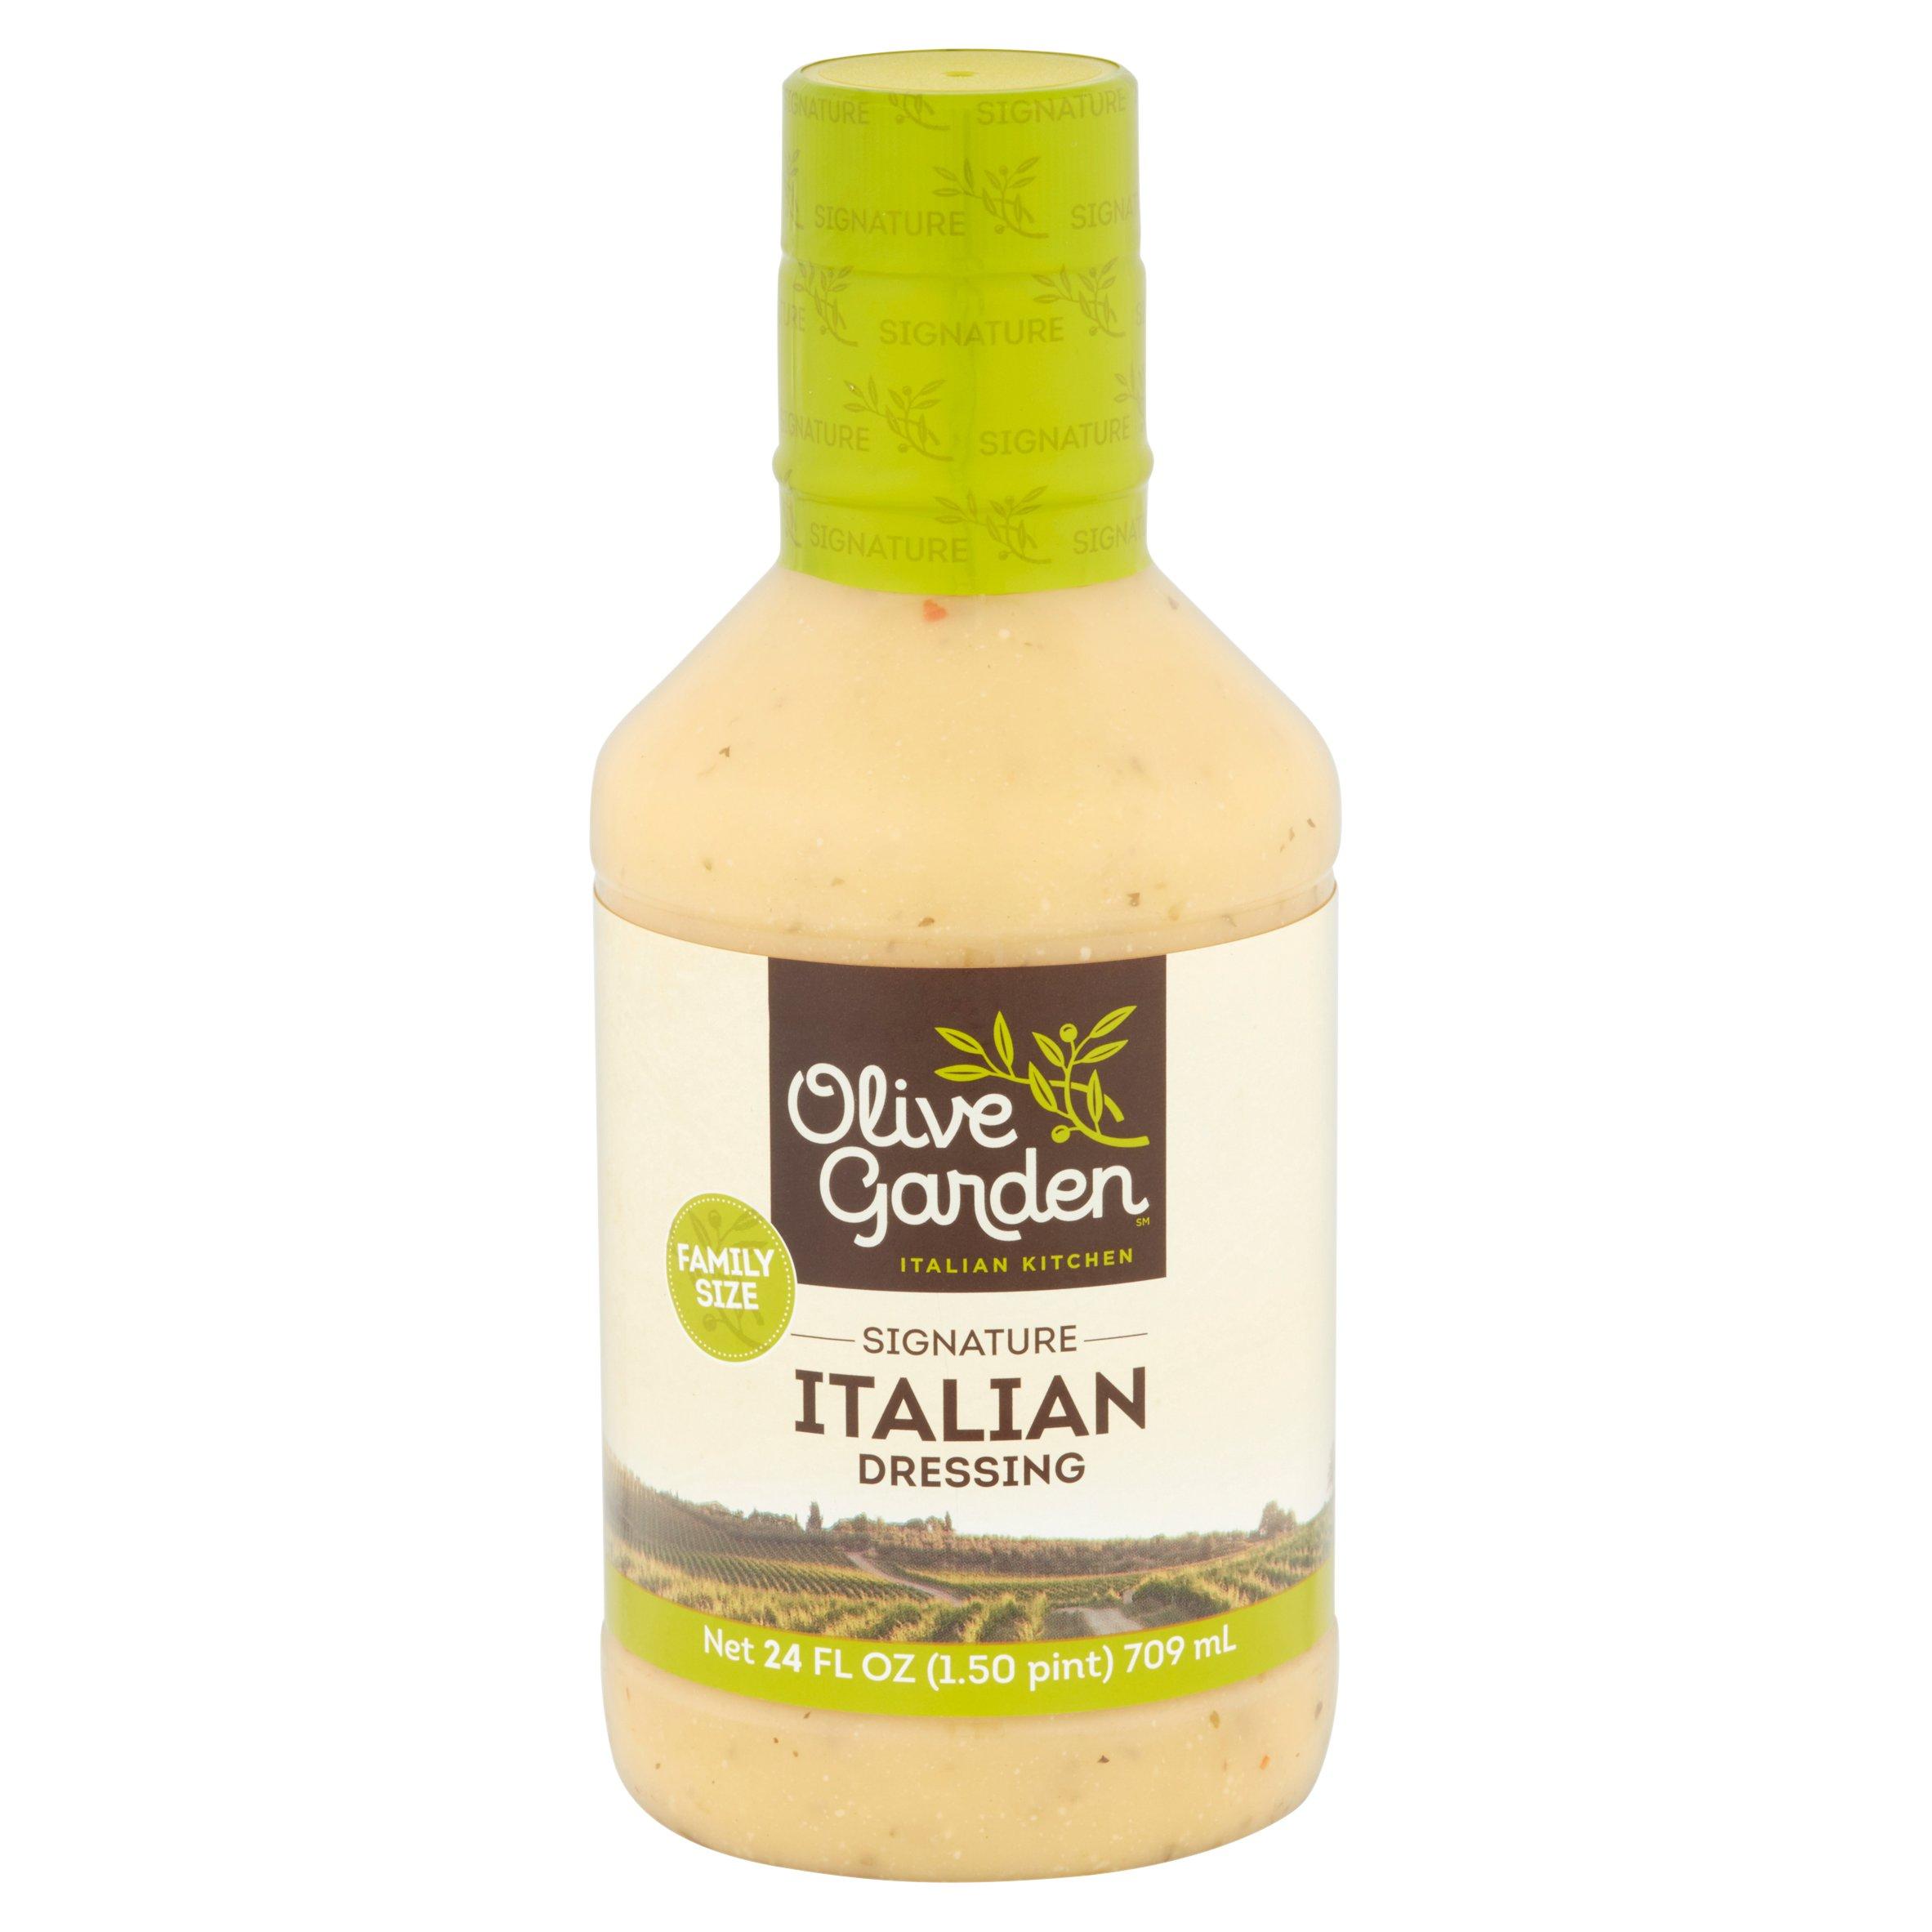 olive garden italian kitchen signature italian dressing 24 fl oz walmartcom - Olive Garden Italian Dressing